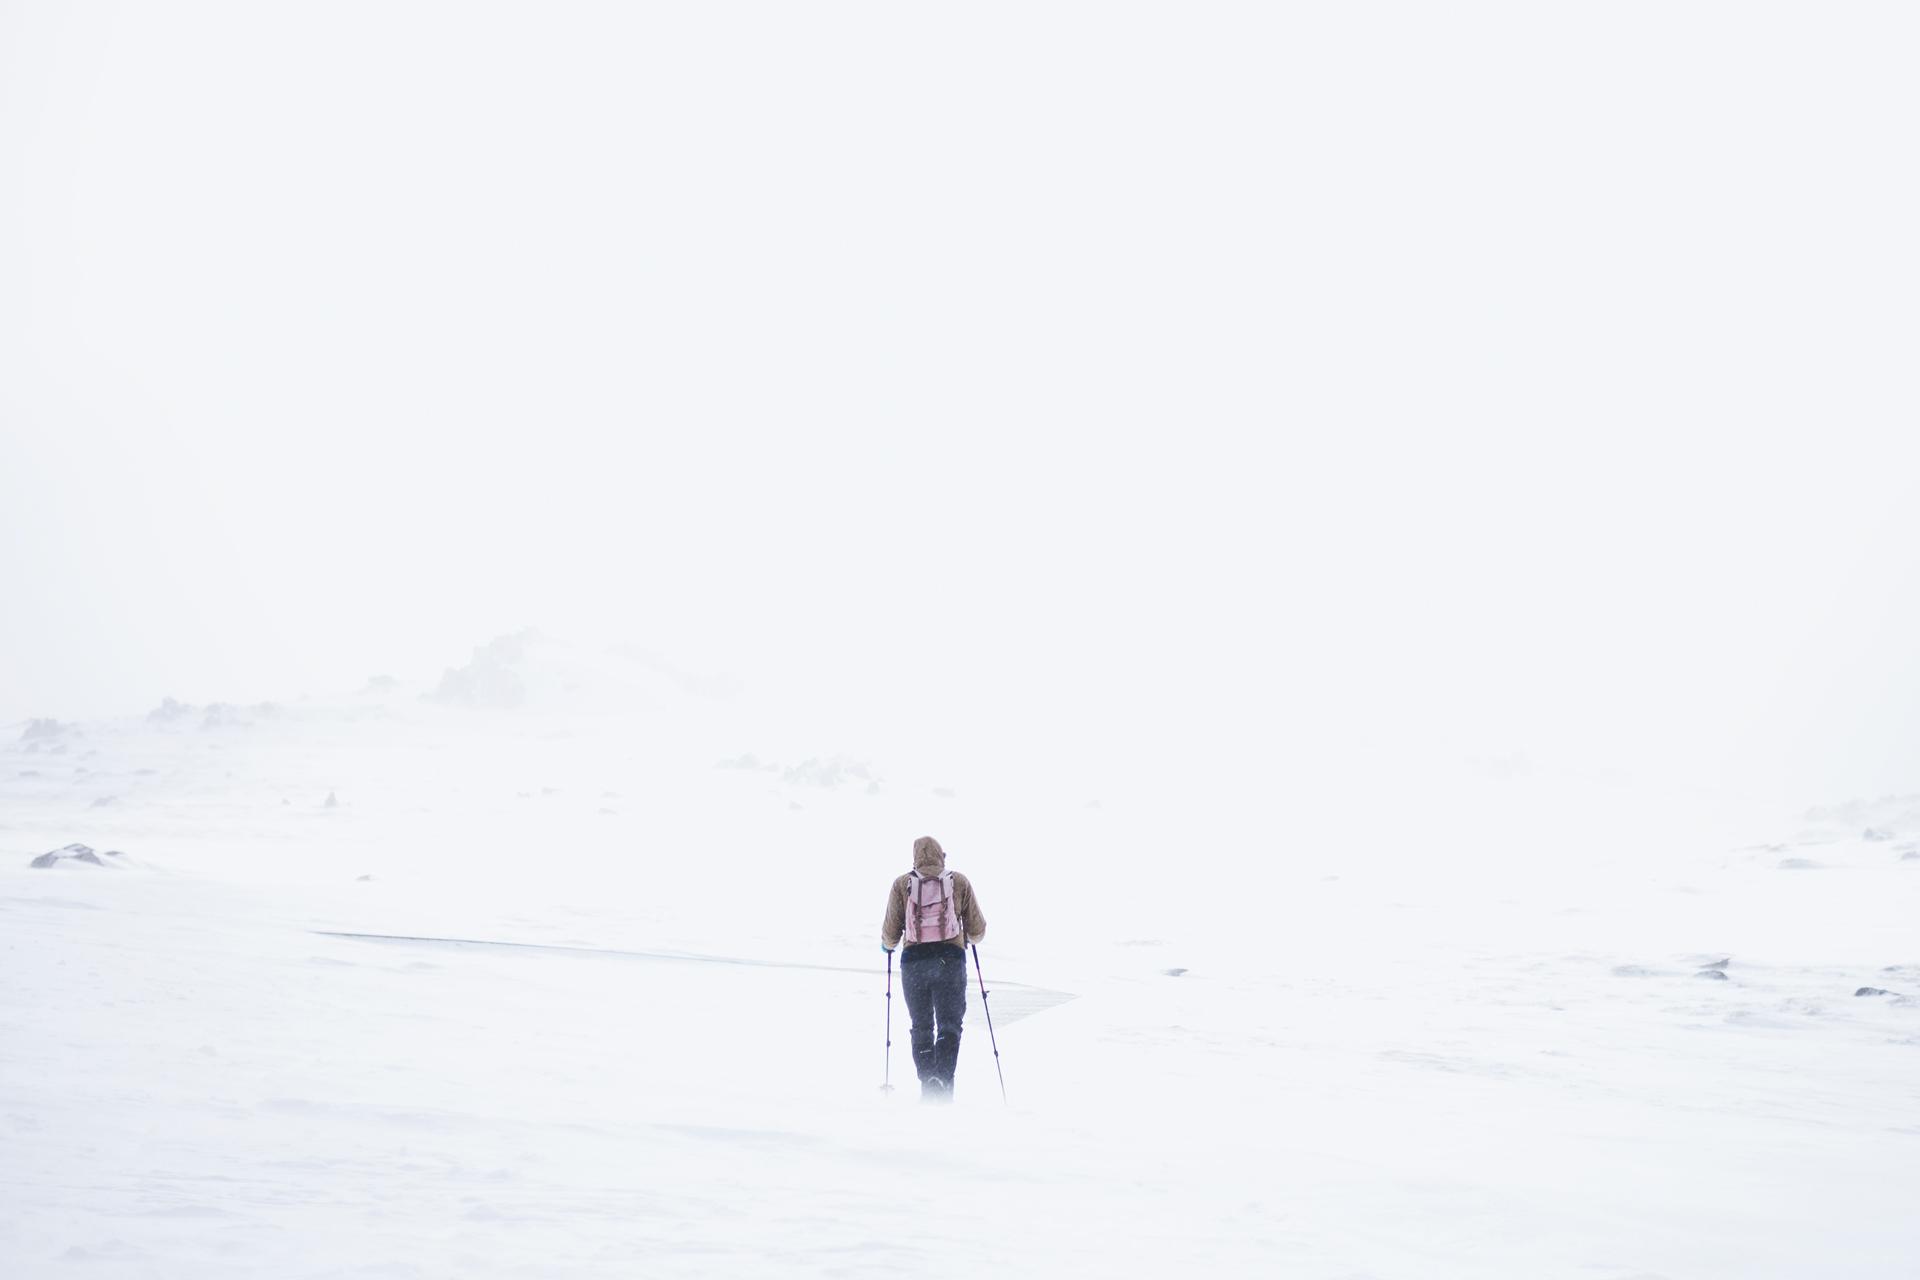 szlak na gorę kościuszki zimą